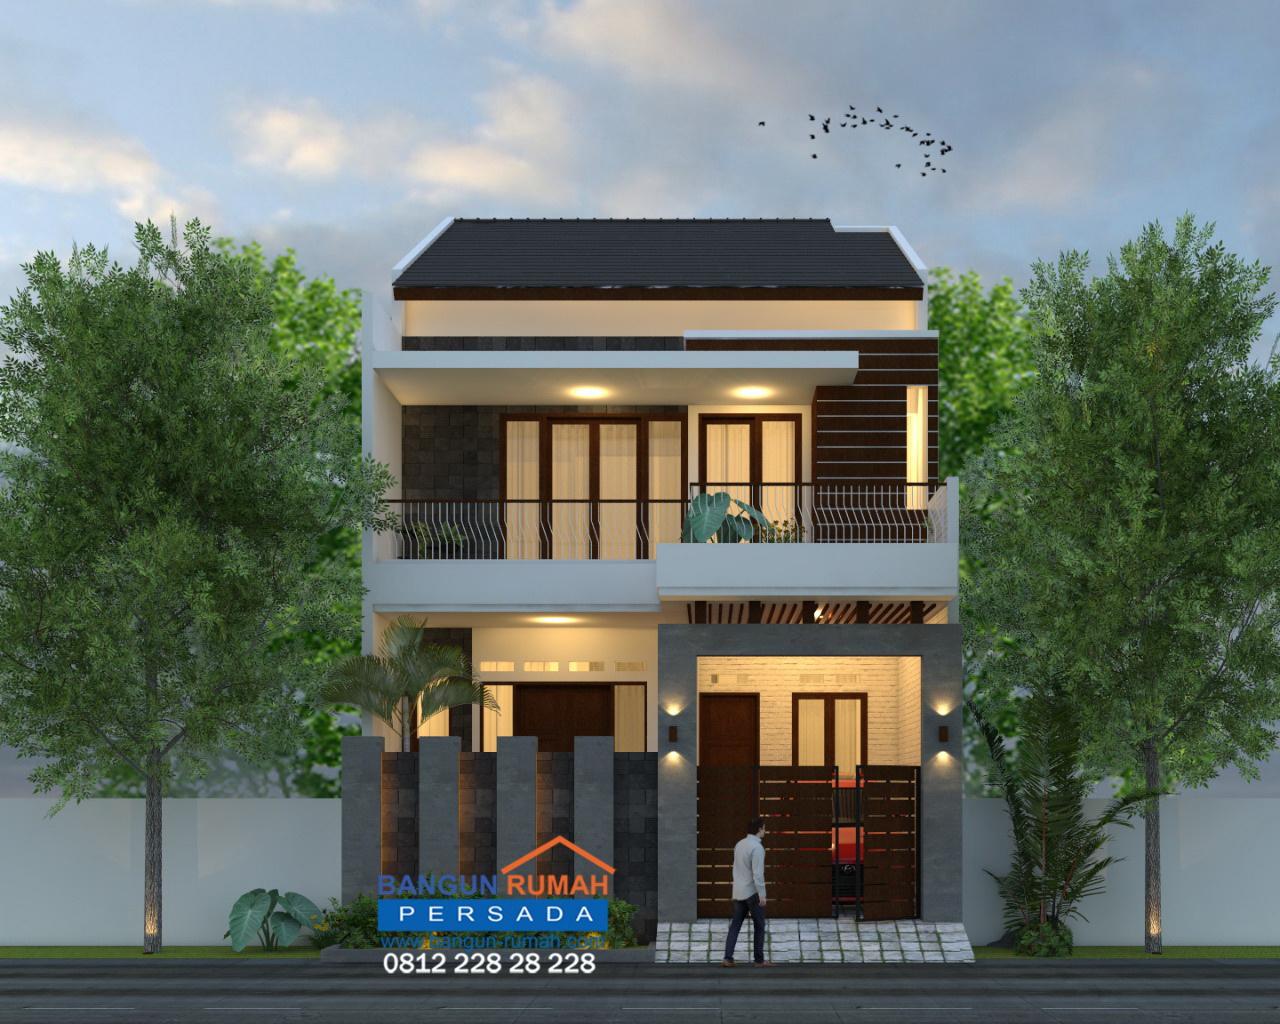 Desain Rumah 8 x 15 M2 2 Lantai 4 Ruang Tidur  Desain Rumah Online